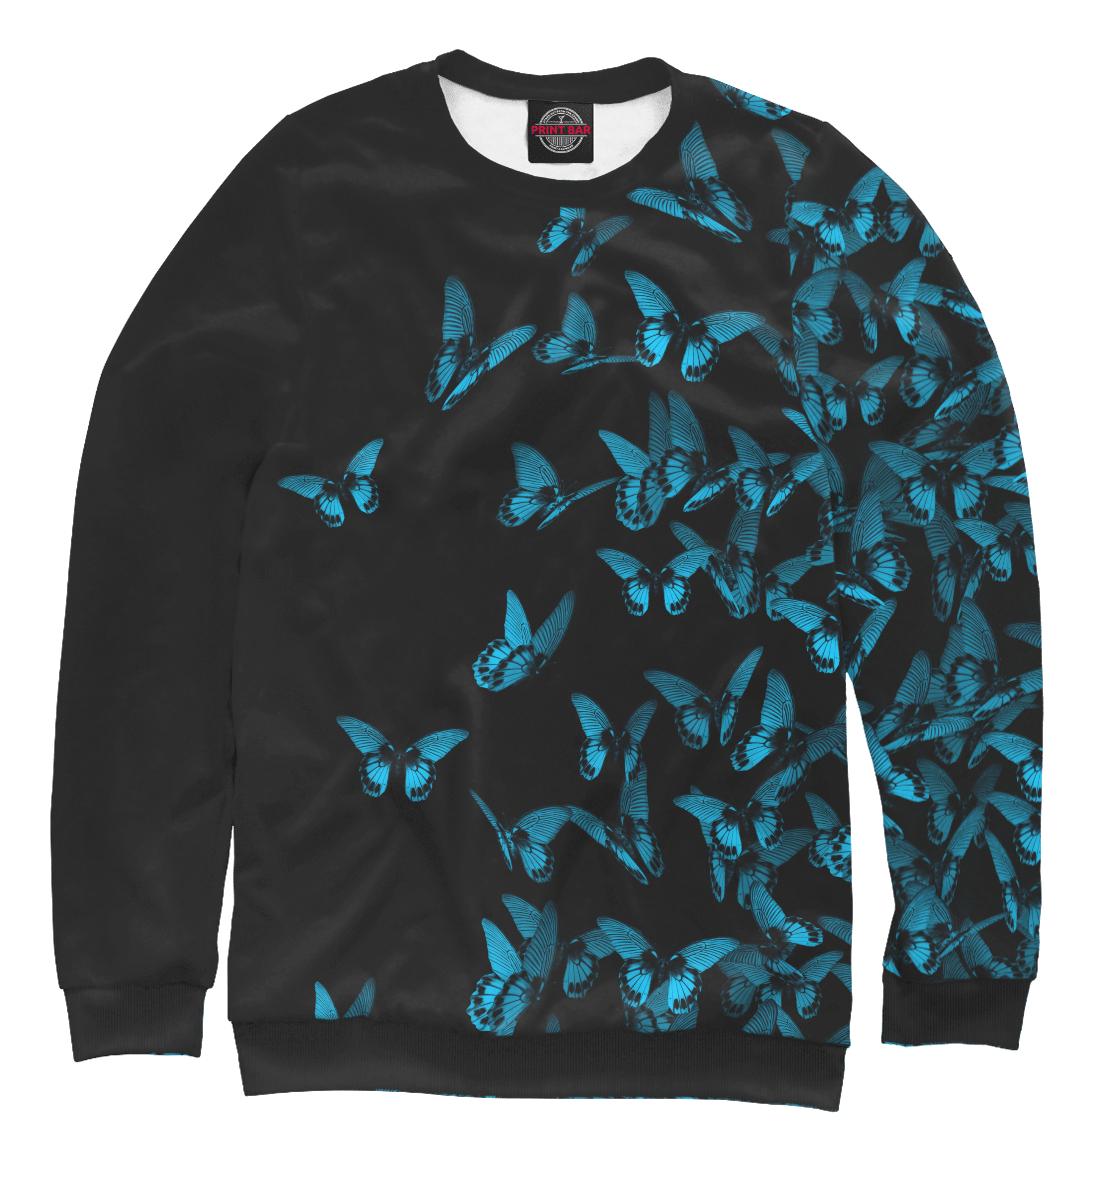 Купить Синие бабочки, Printbar, Свитшоты, NAS-356841-swi-1